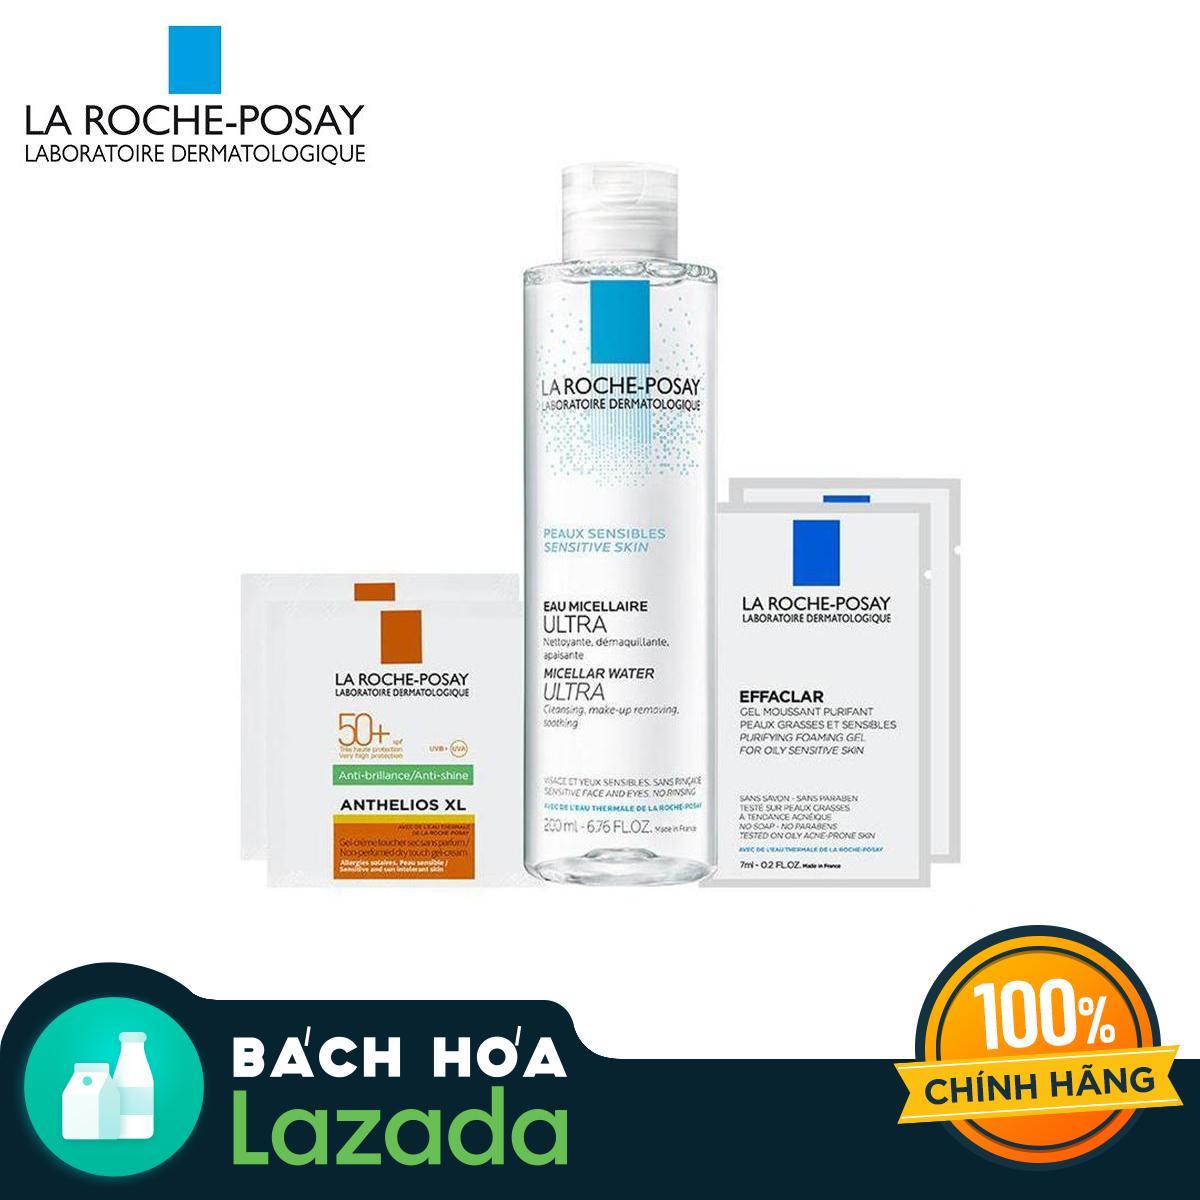 Nước tẩy trang giàu khoáng làm sạch sâu cho da nhạy cảm La Roche Posay Micellar Water Ultra Sensitive Skin 200ML tặng 2x Effaclar Gel 7ML và 2x Anthelios Drytouch 2ML tốt nhất